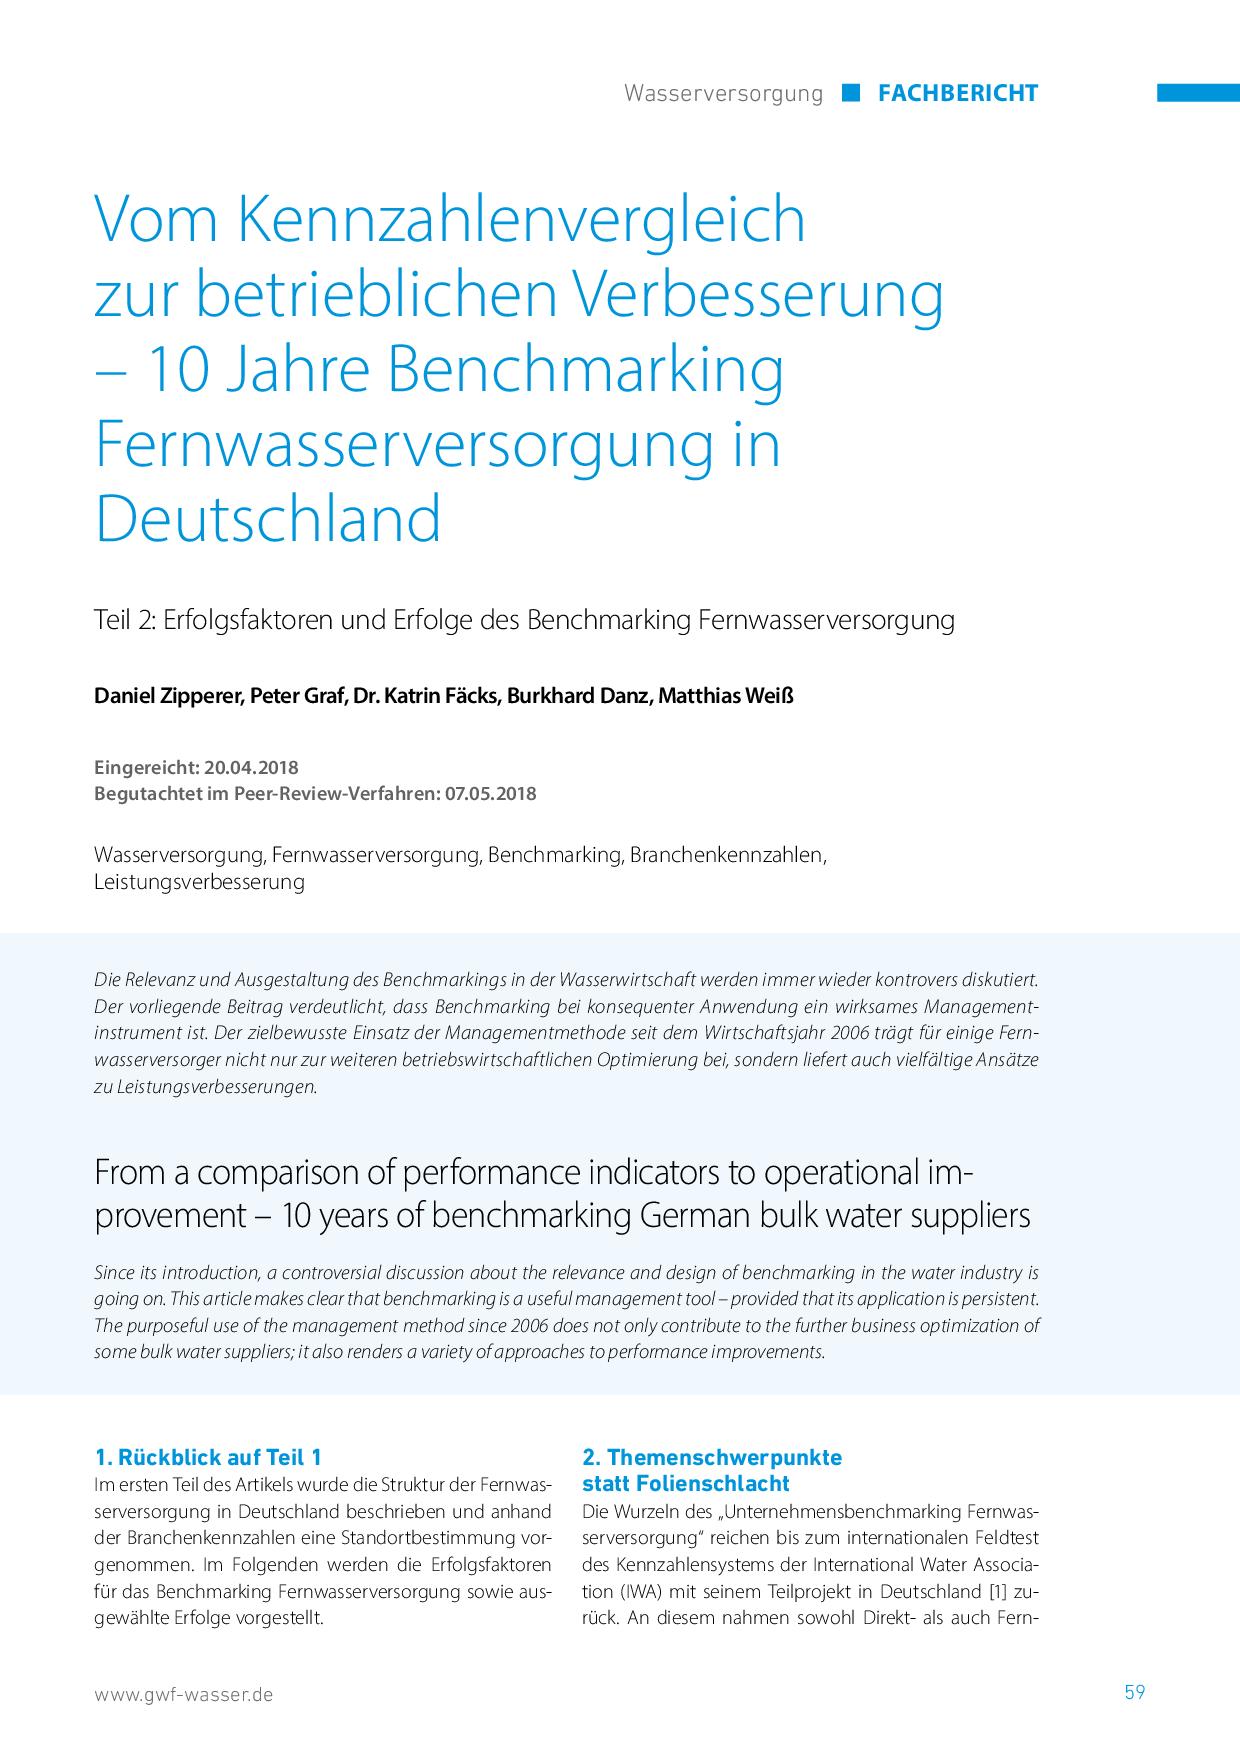 Vom Kennzahlenvergleich zur betrieblichen Verbesserung – 10 Jahre Benchmarking Fernwasserversorgung in Deutschland